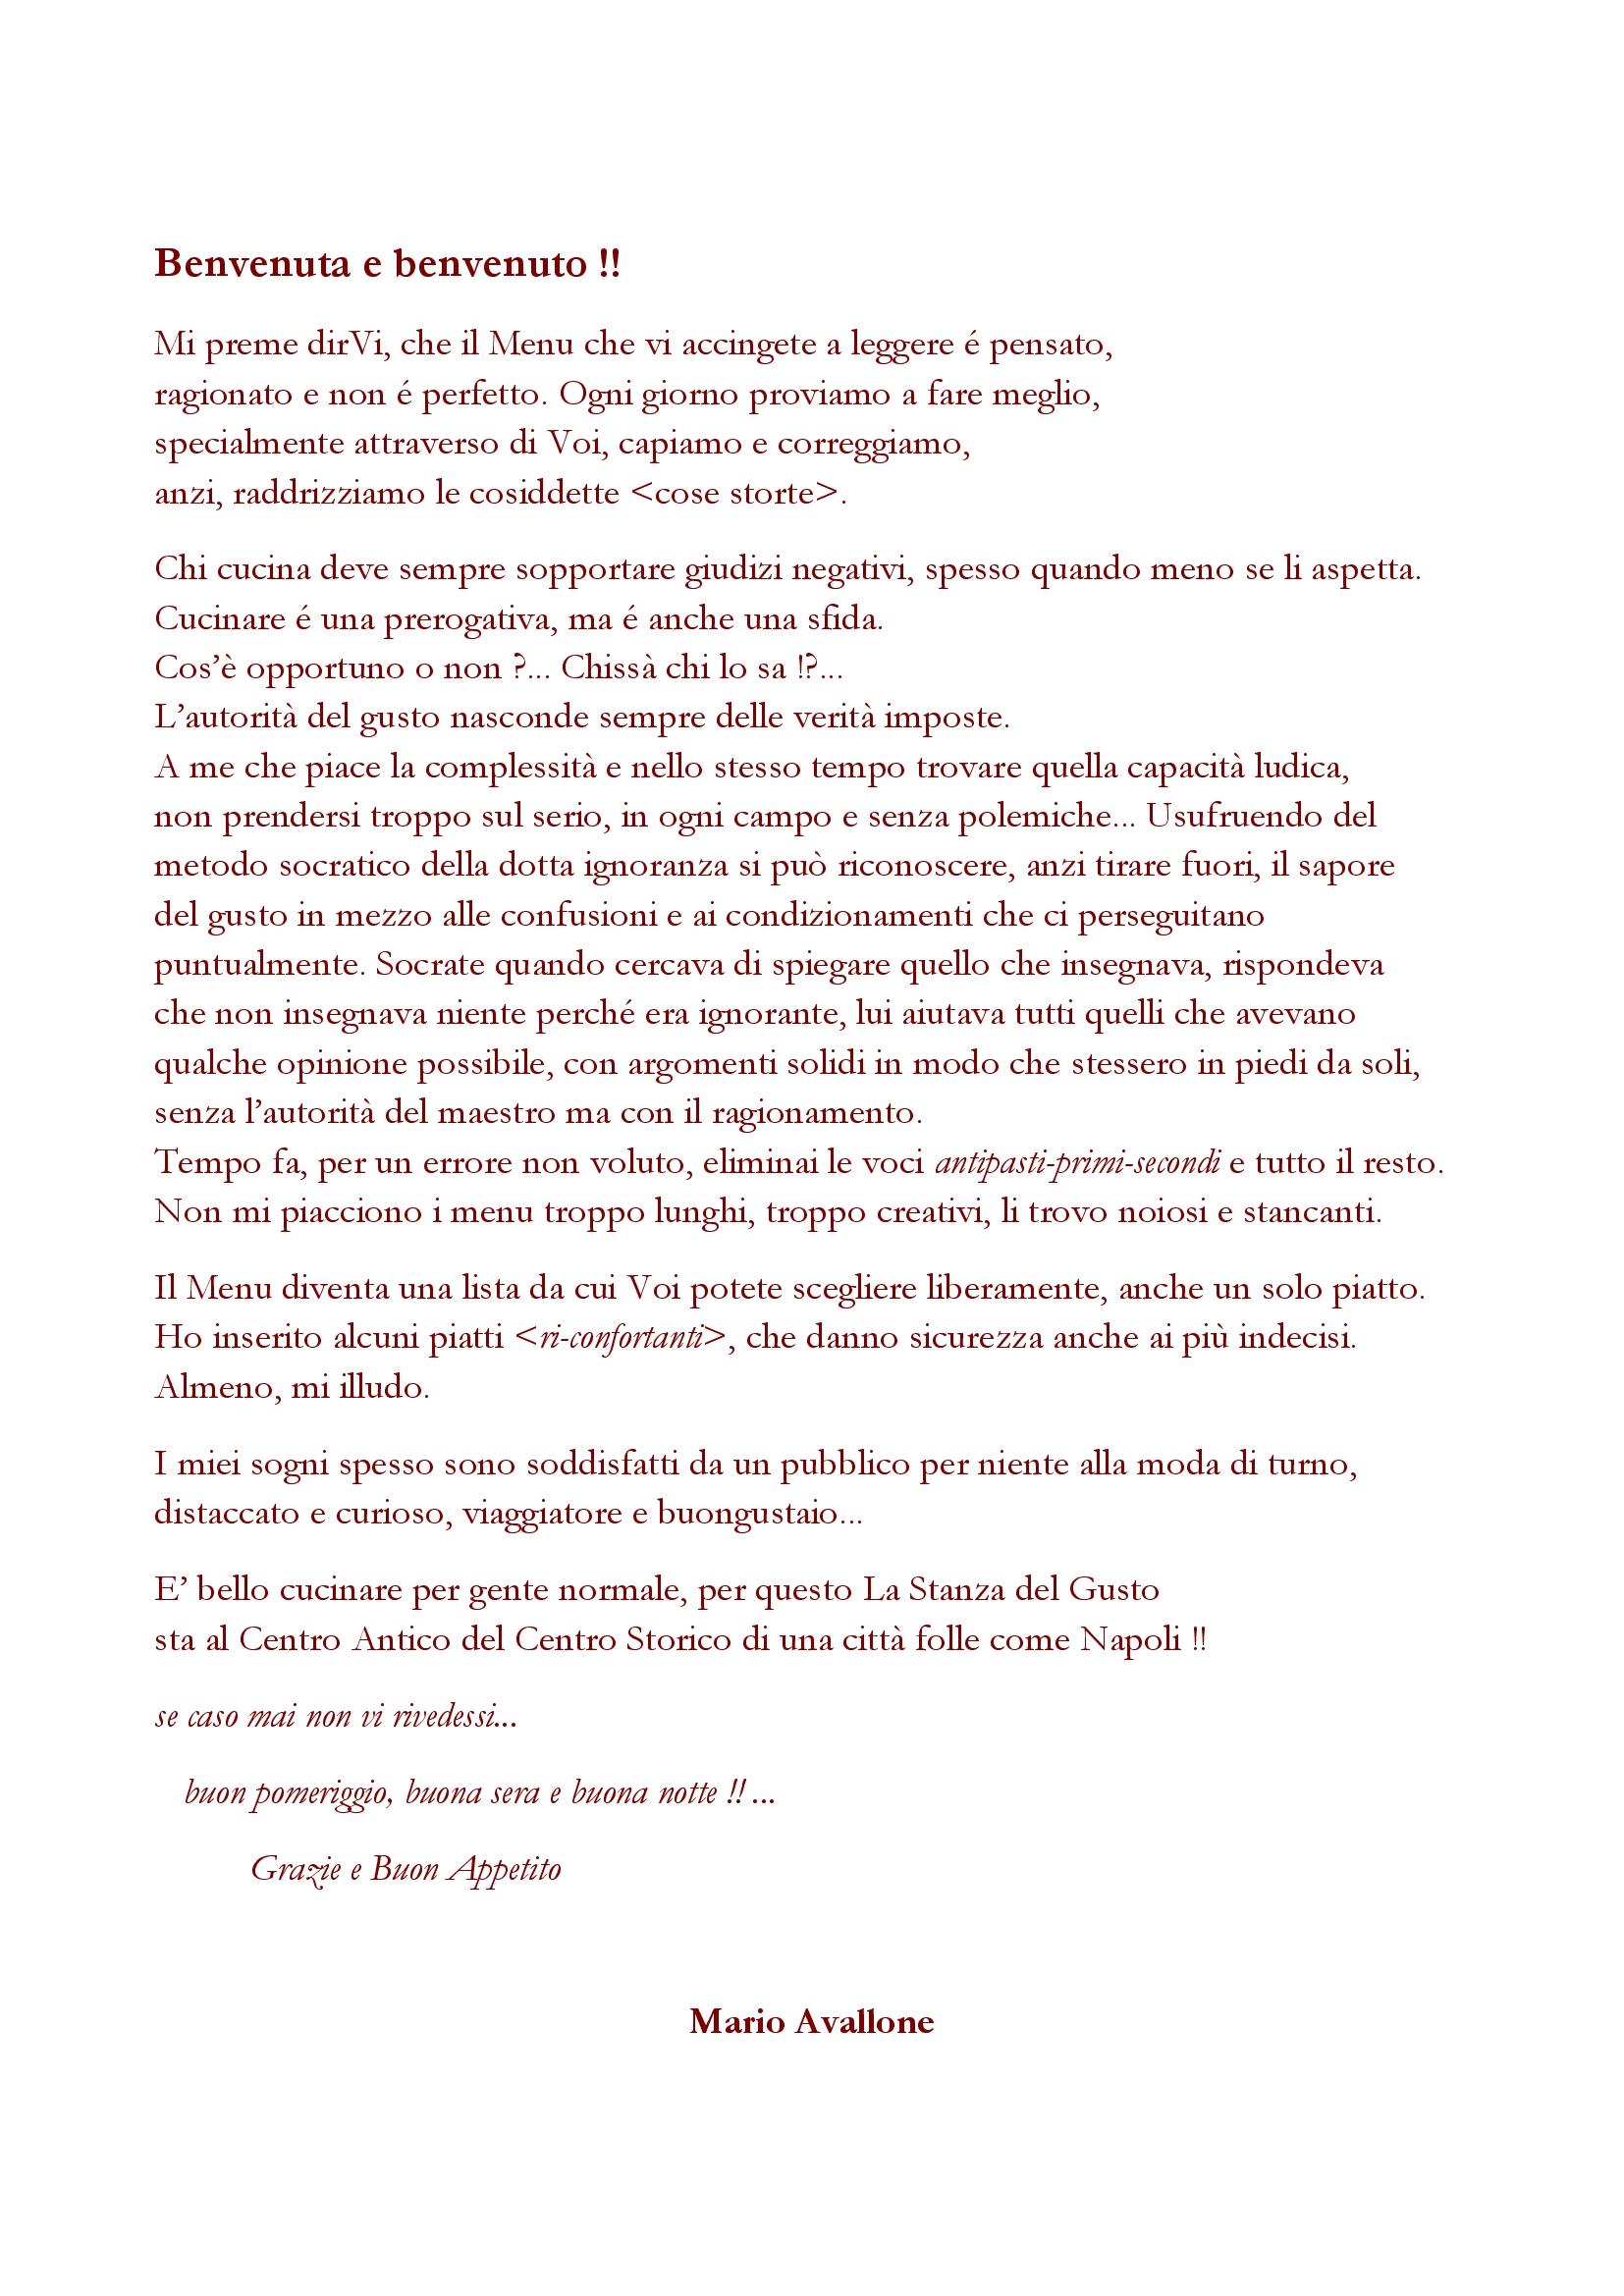 La Stanza del Gusto Napoli menù 1 pagina